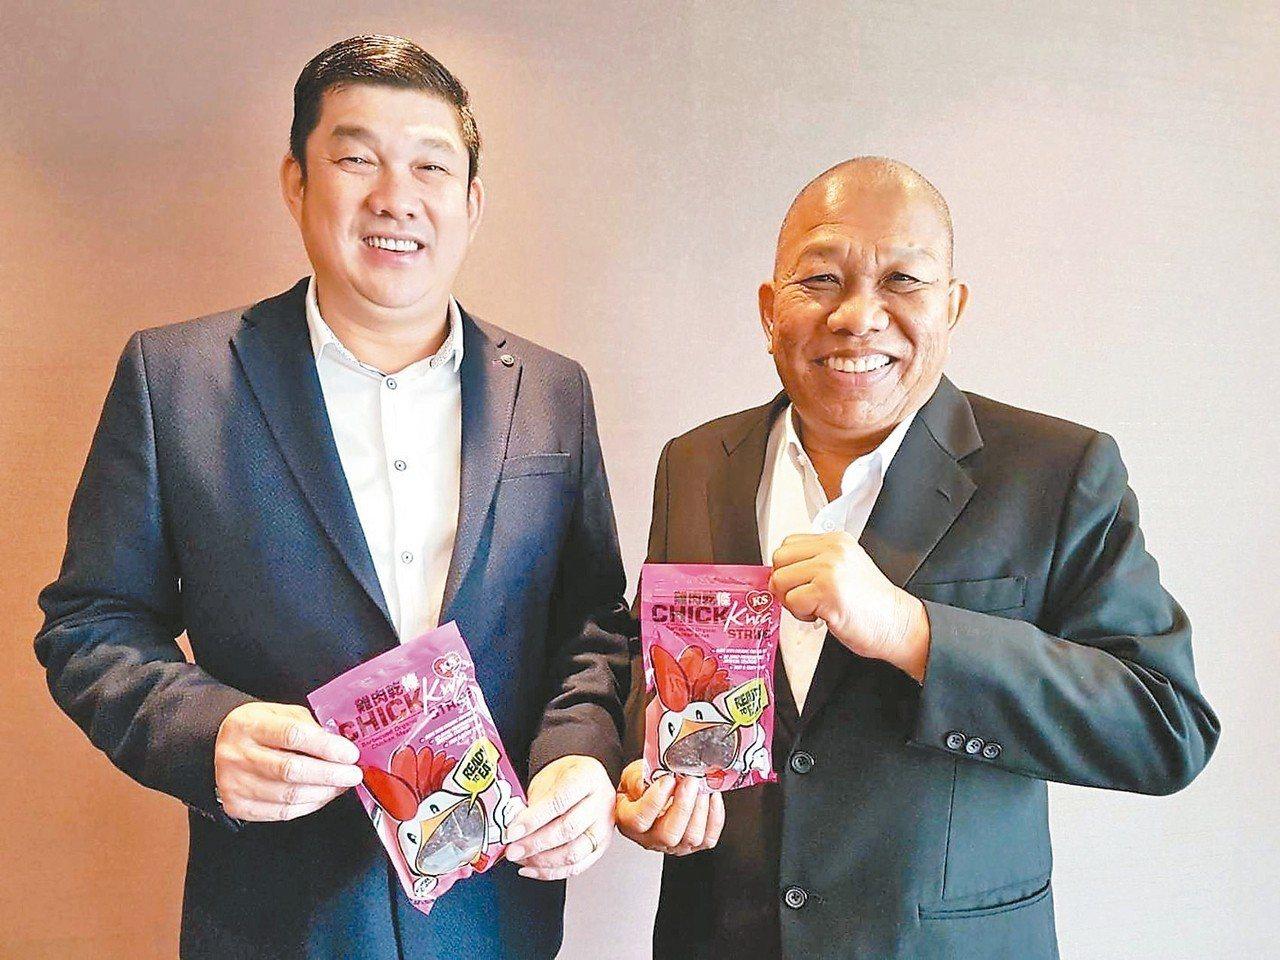 王其祥(右)、王建山(左)兩兄弟經營的其祥,今年營運逆轉勝,目前該公司是新加坡前...